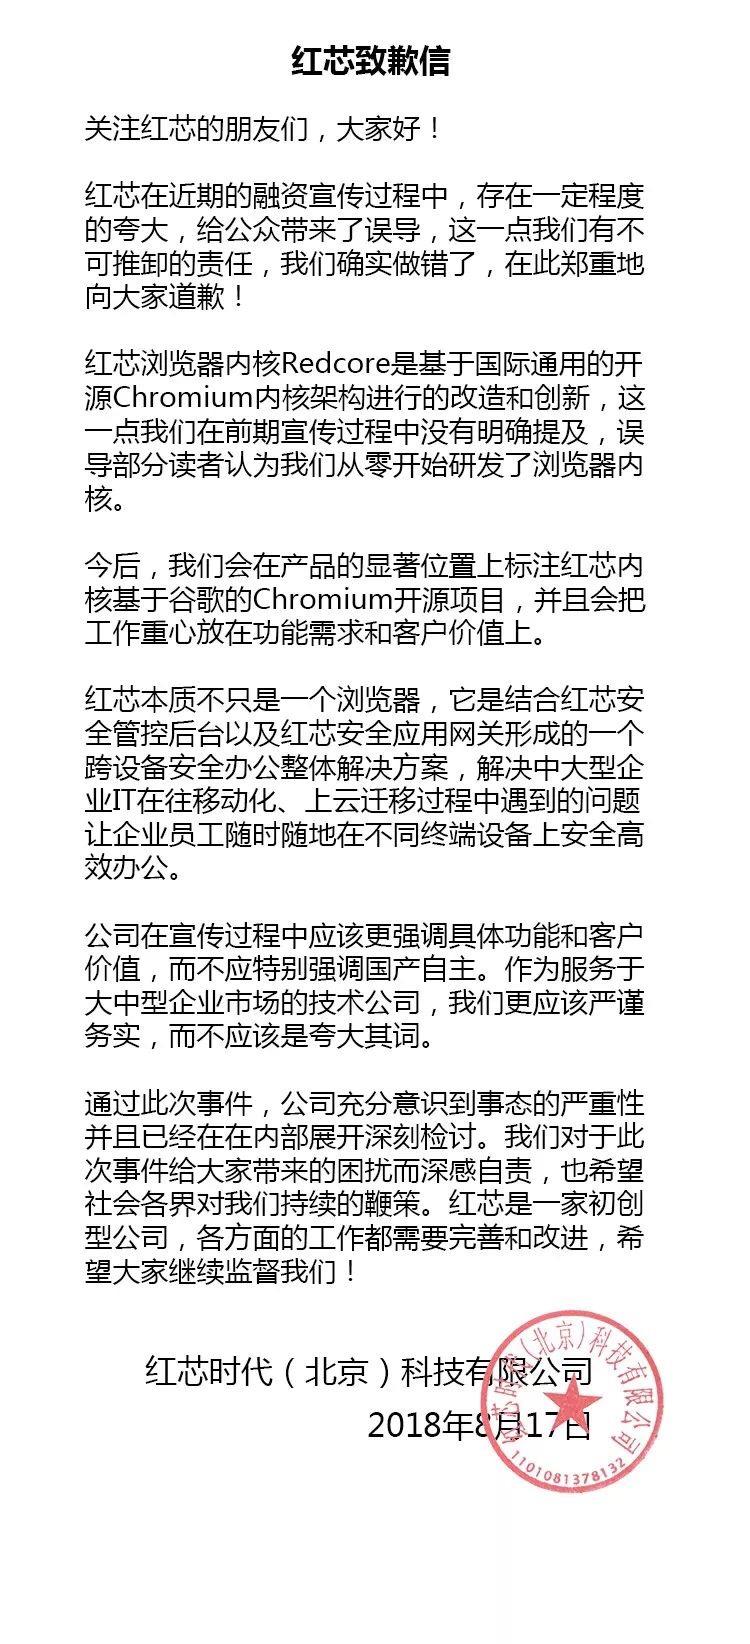 红芯浏览器发致歉声明:存在一定夸大 不应强调国产自主